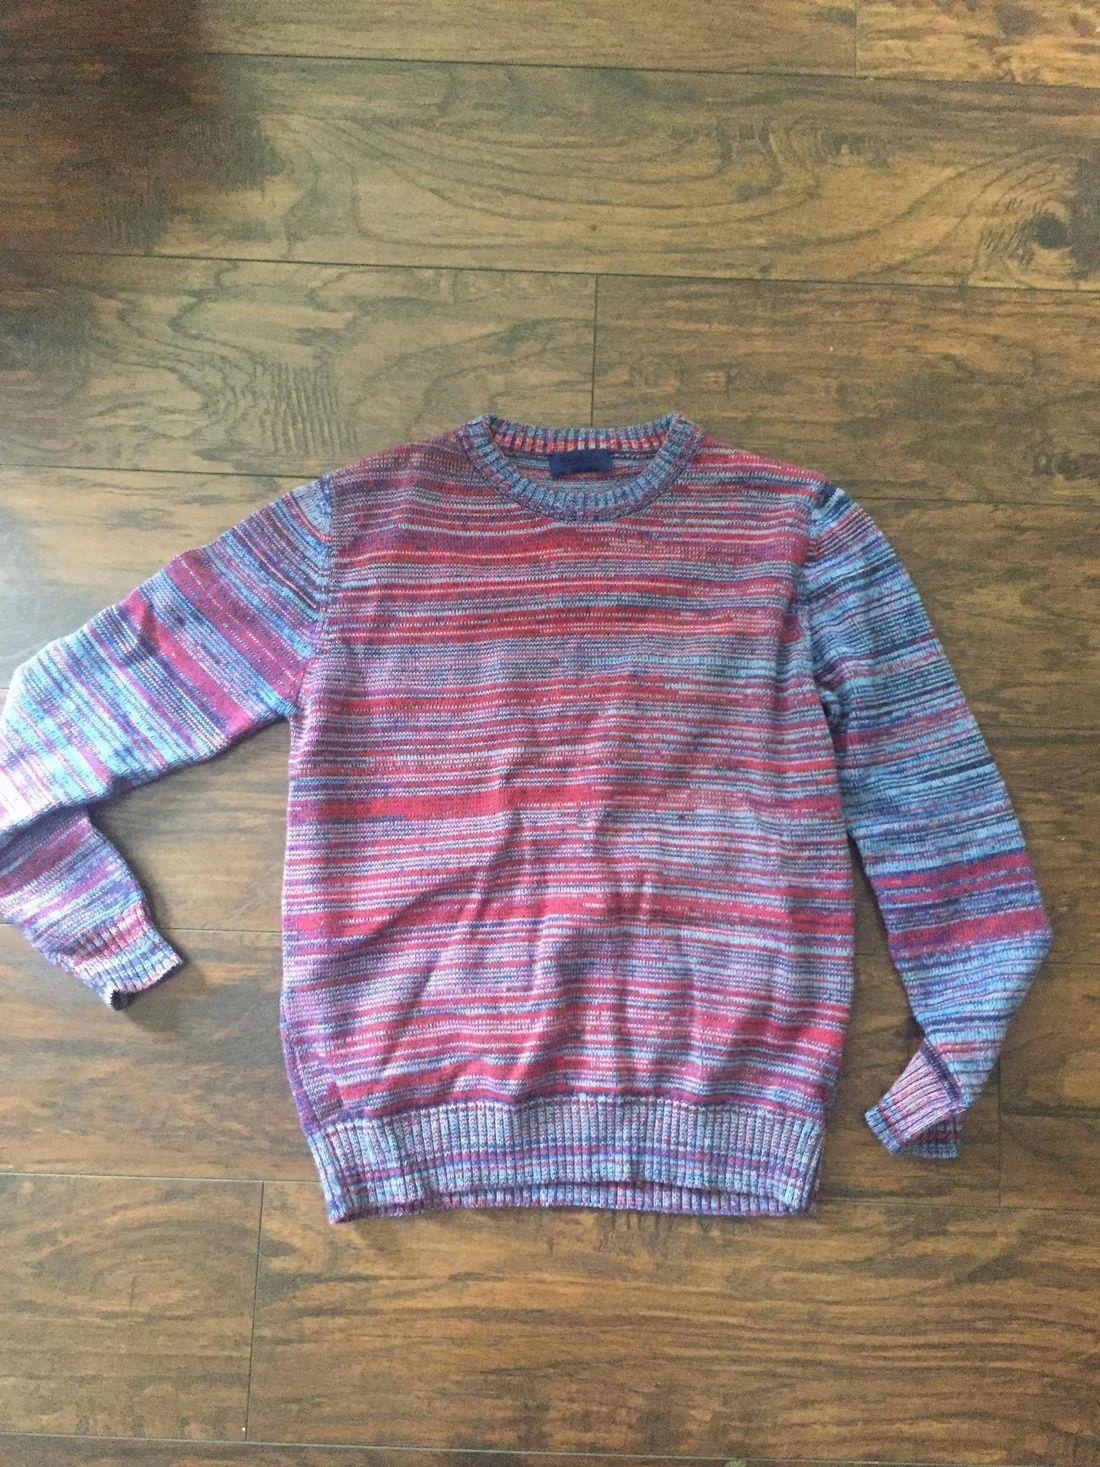 Etudes Cotton Sweater Size S $32 - Grailed